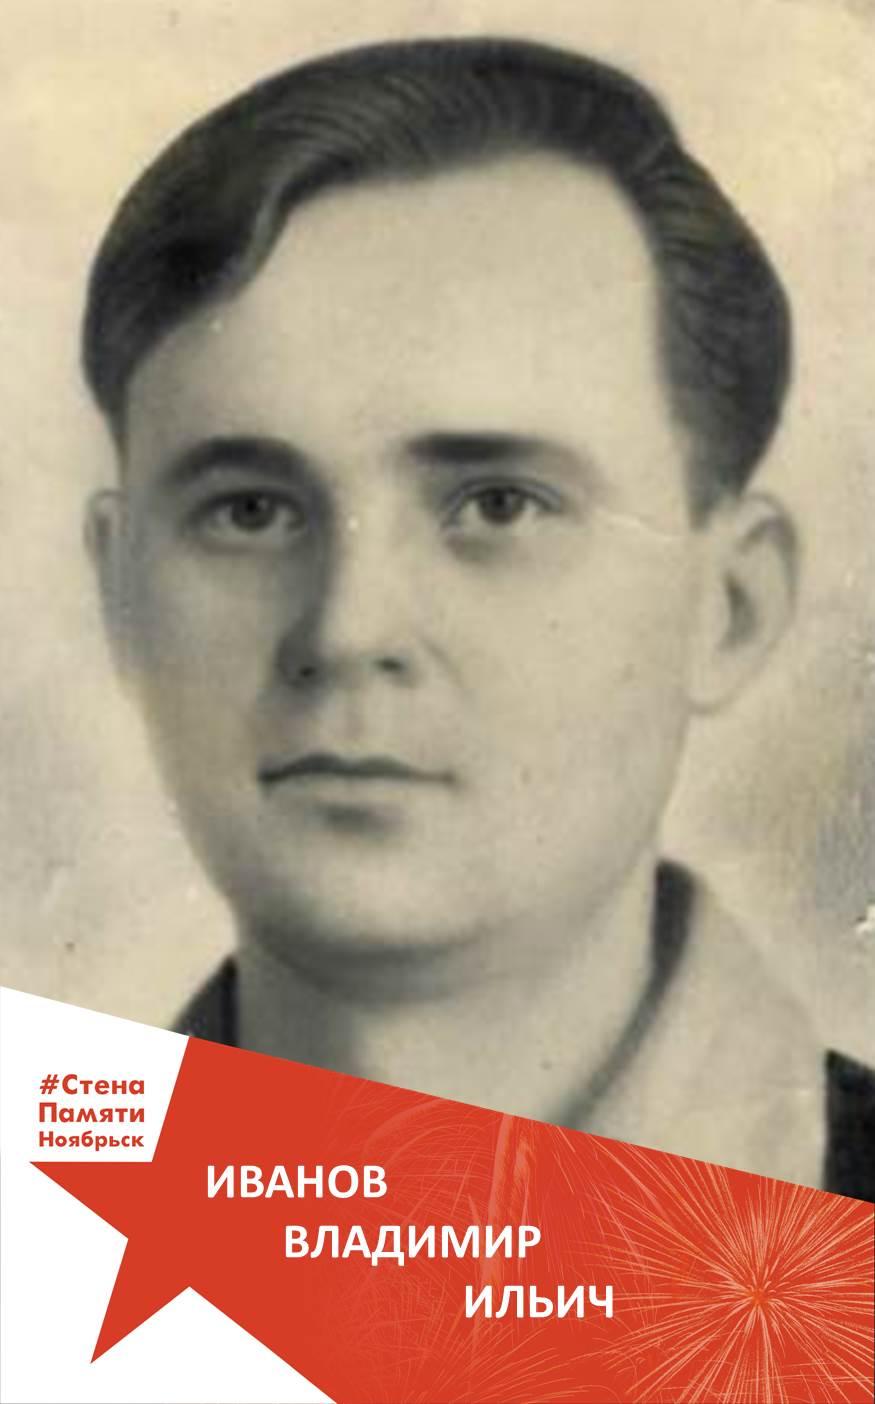 Иванов Владимир Ильич